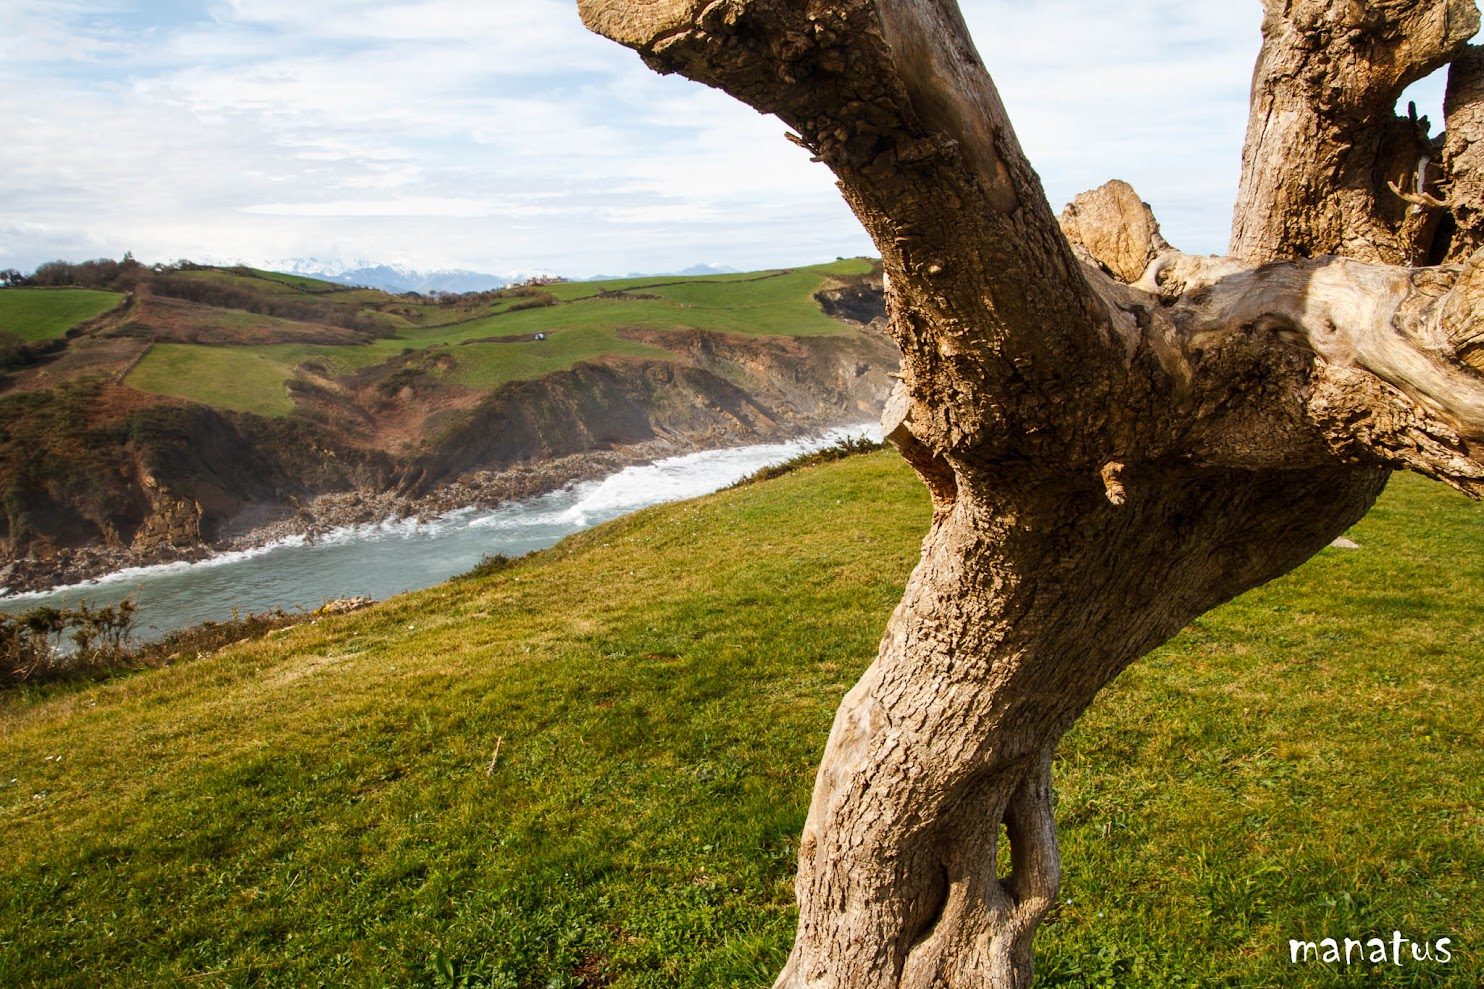 manatus árbol